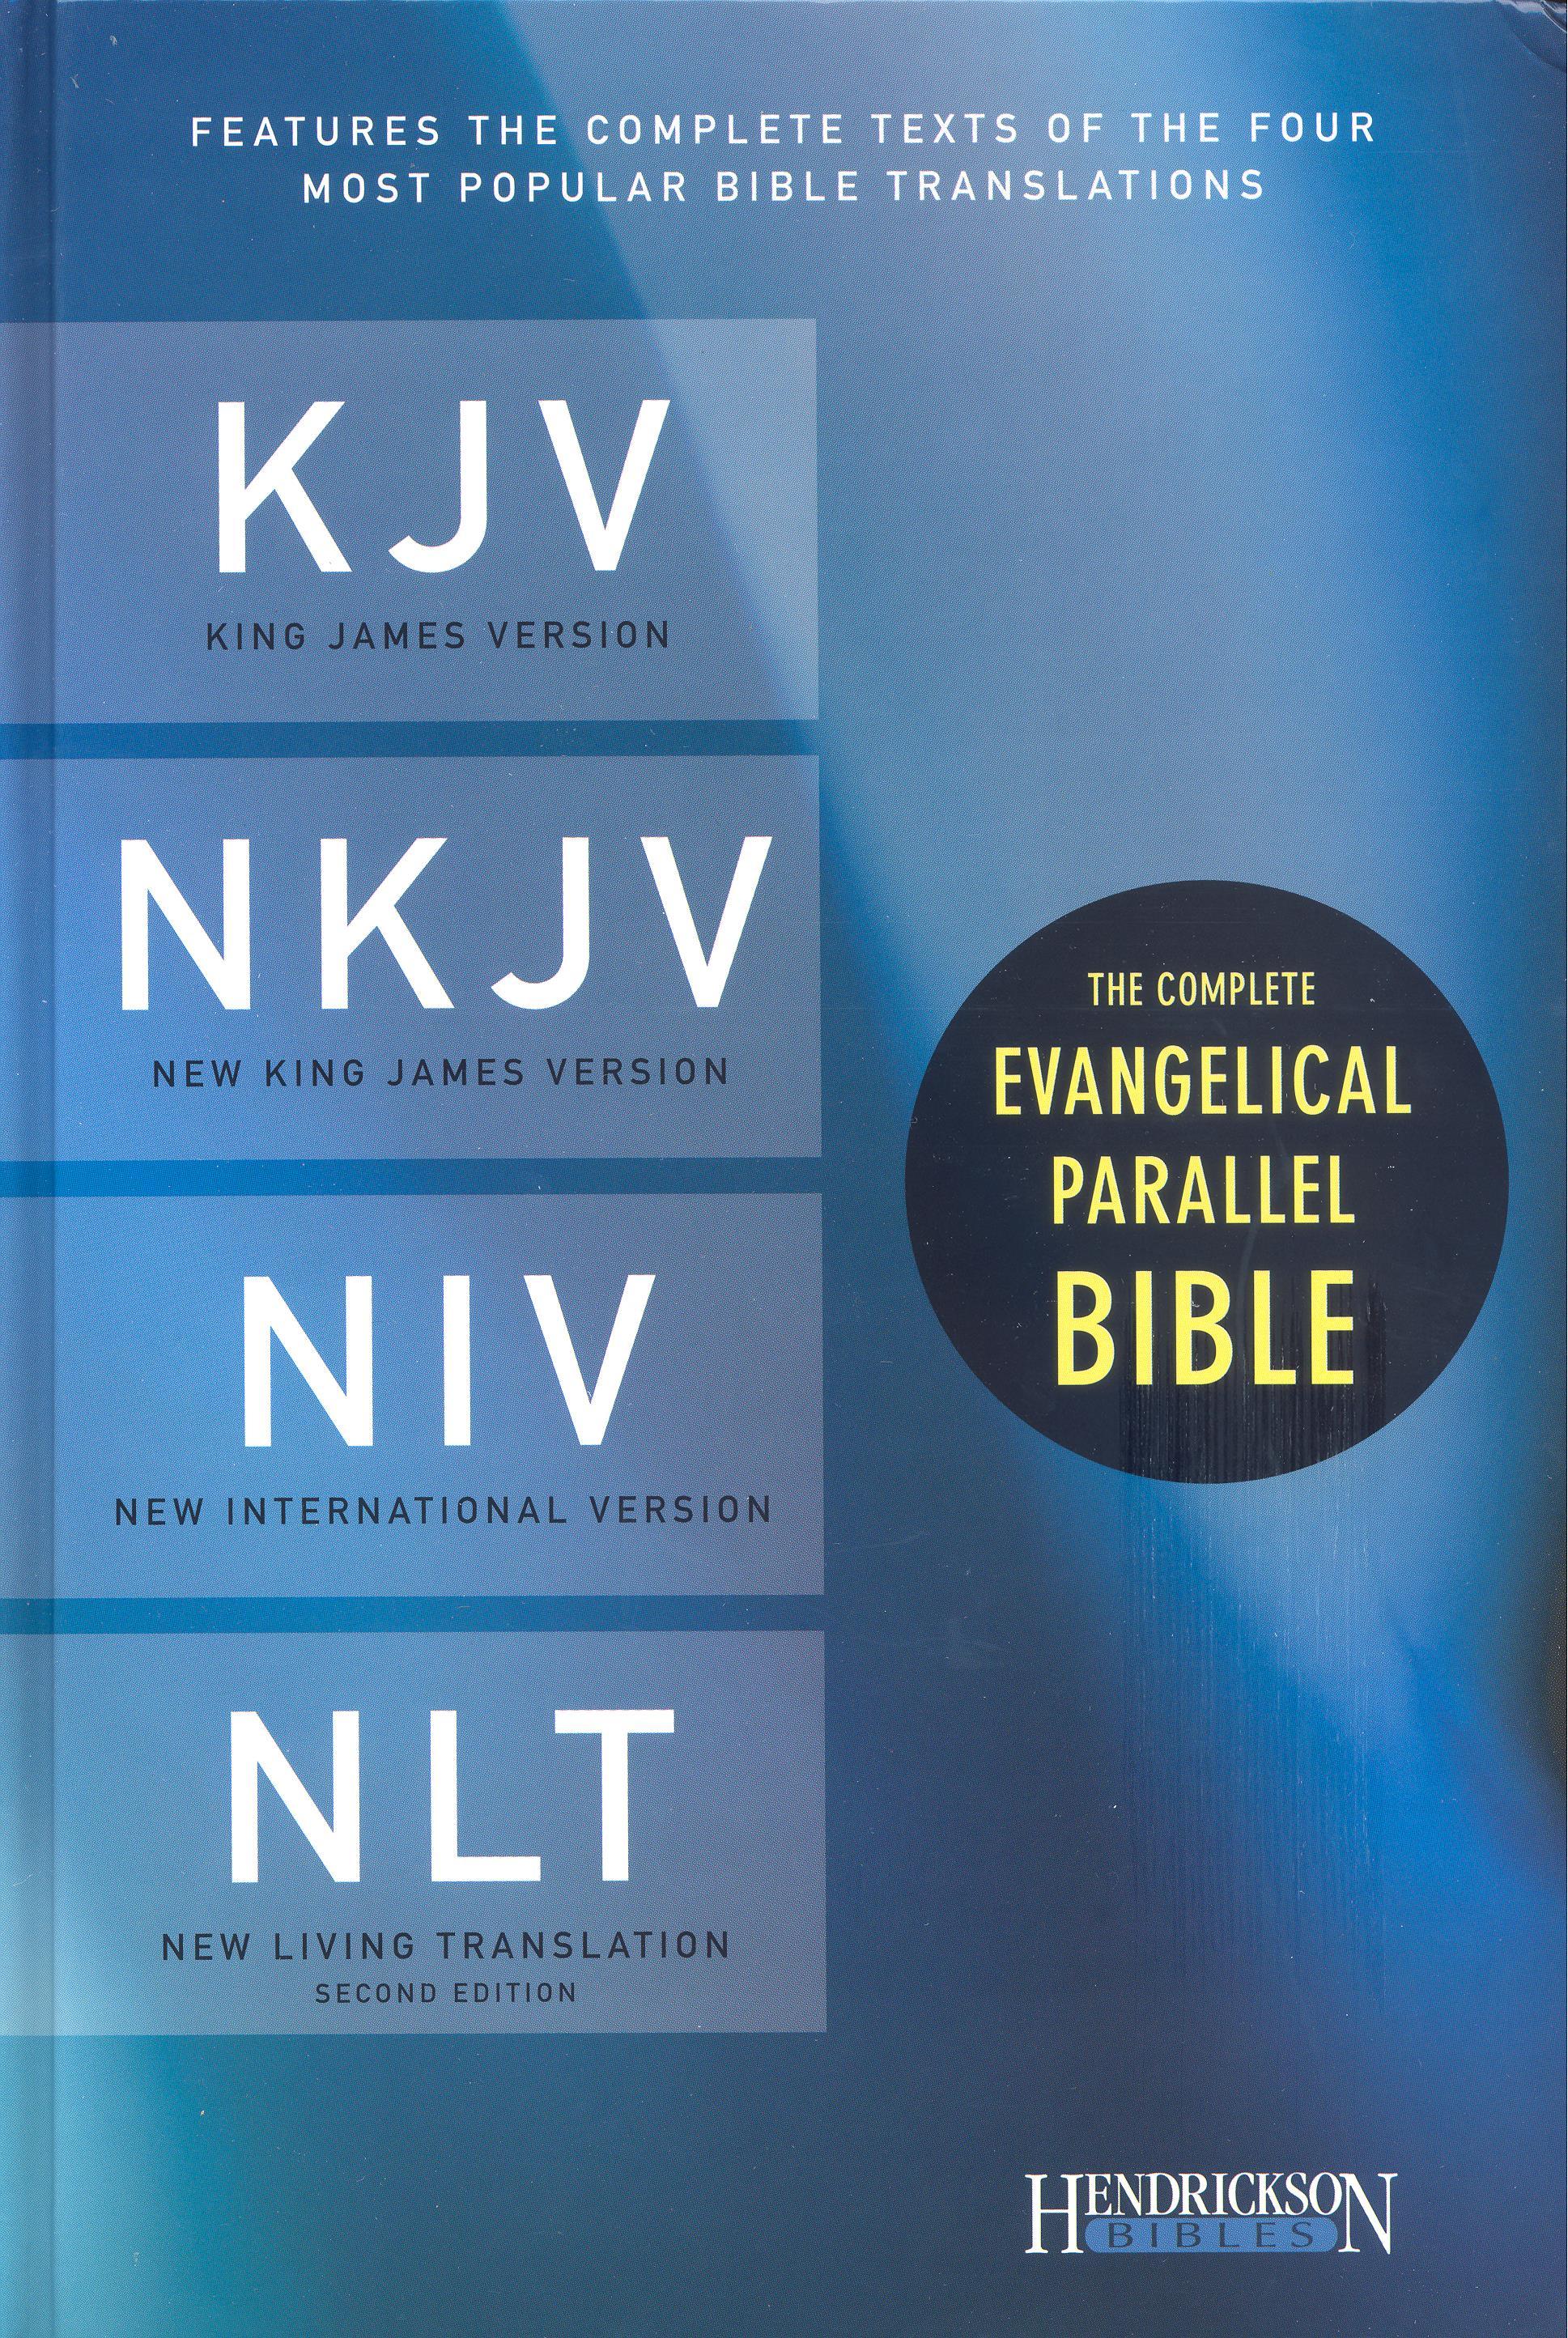 KJV, NKJV, NIV, NLT, Hendrickson – Hardcover